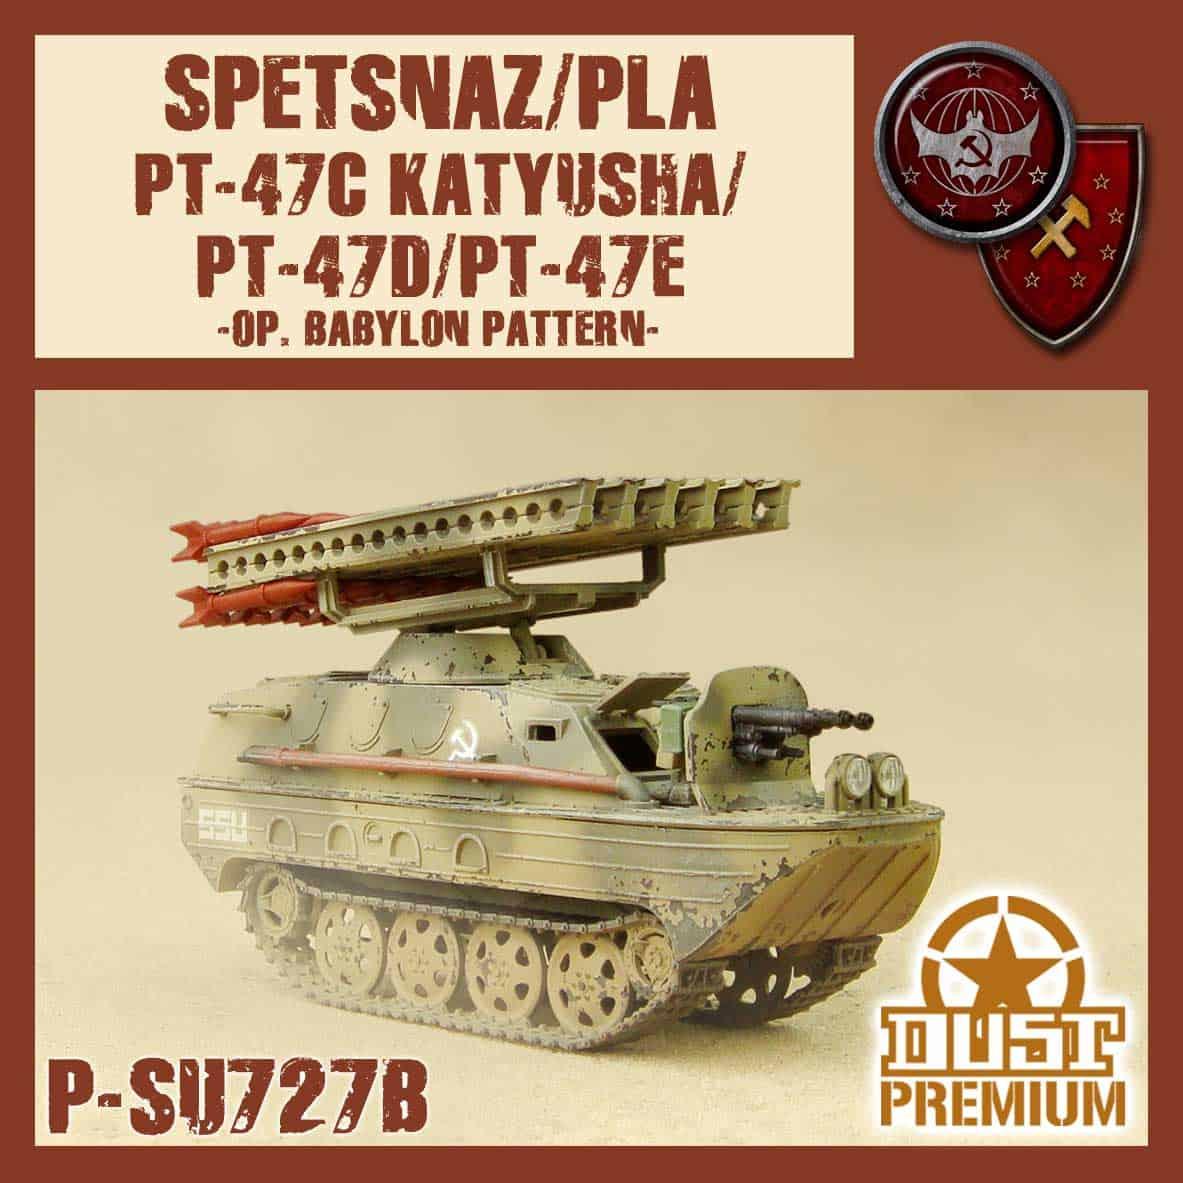 """Zdjęcie PT-47C/D/E """"Katiusza"""" Malowanie Babilon"""